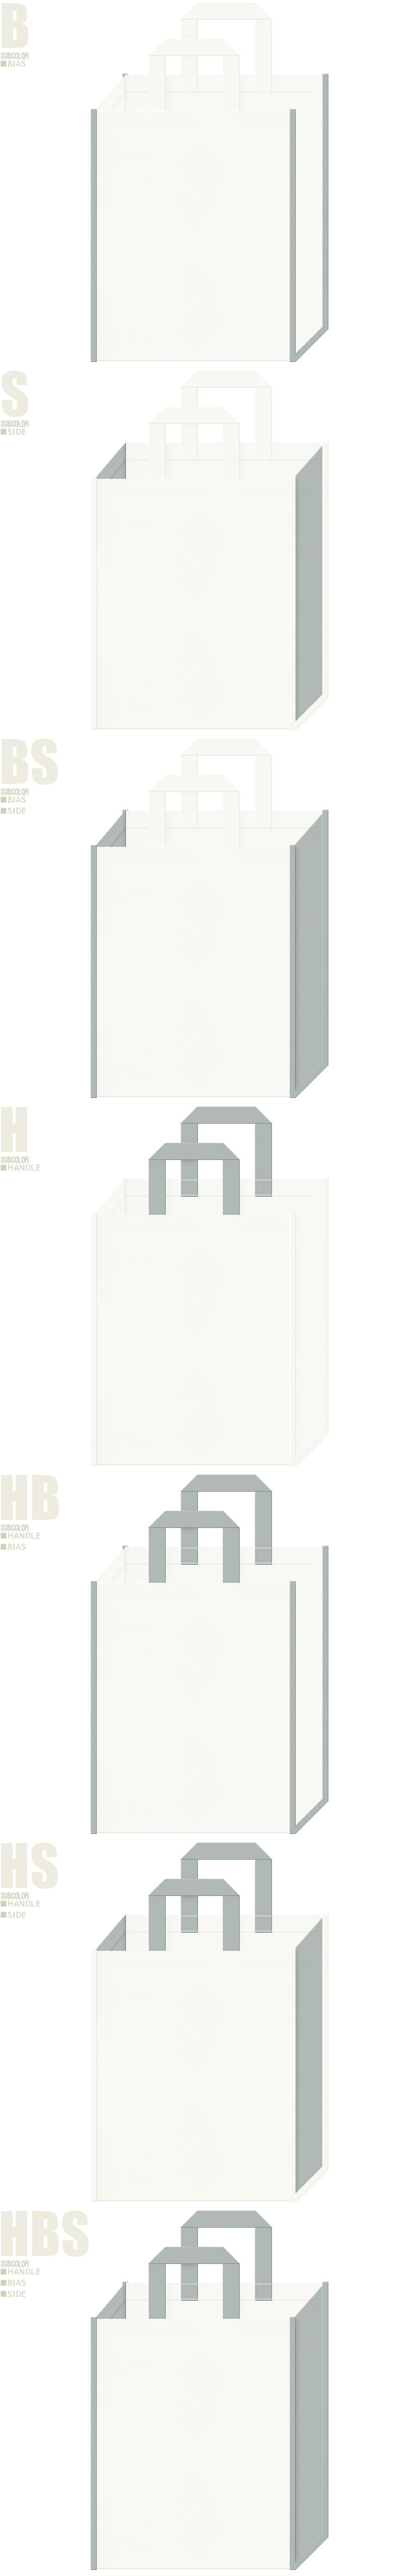 コアラ・都市計画・製図・設計・什器・ガス器具・ロボット・アルミサッシ・金属・機械・コンクリート・建築・ビルメンテナンス・文具の展示会用バッグにお奨めの不織布バッグデザイン:オフホワイト色とグレー色の不織布バッグ配色7パターン